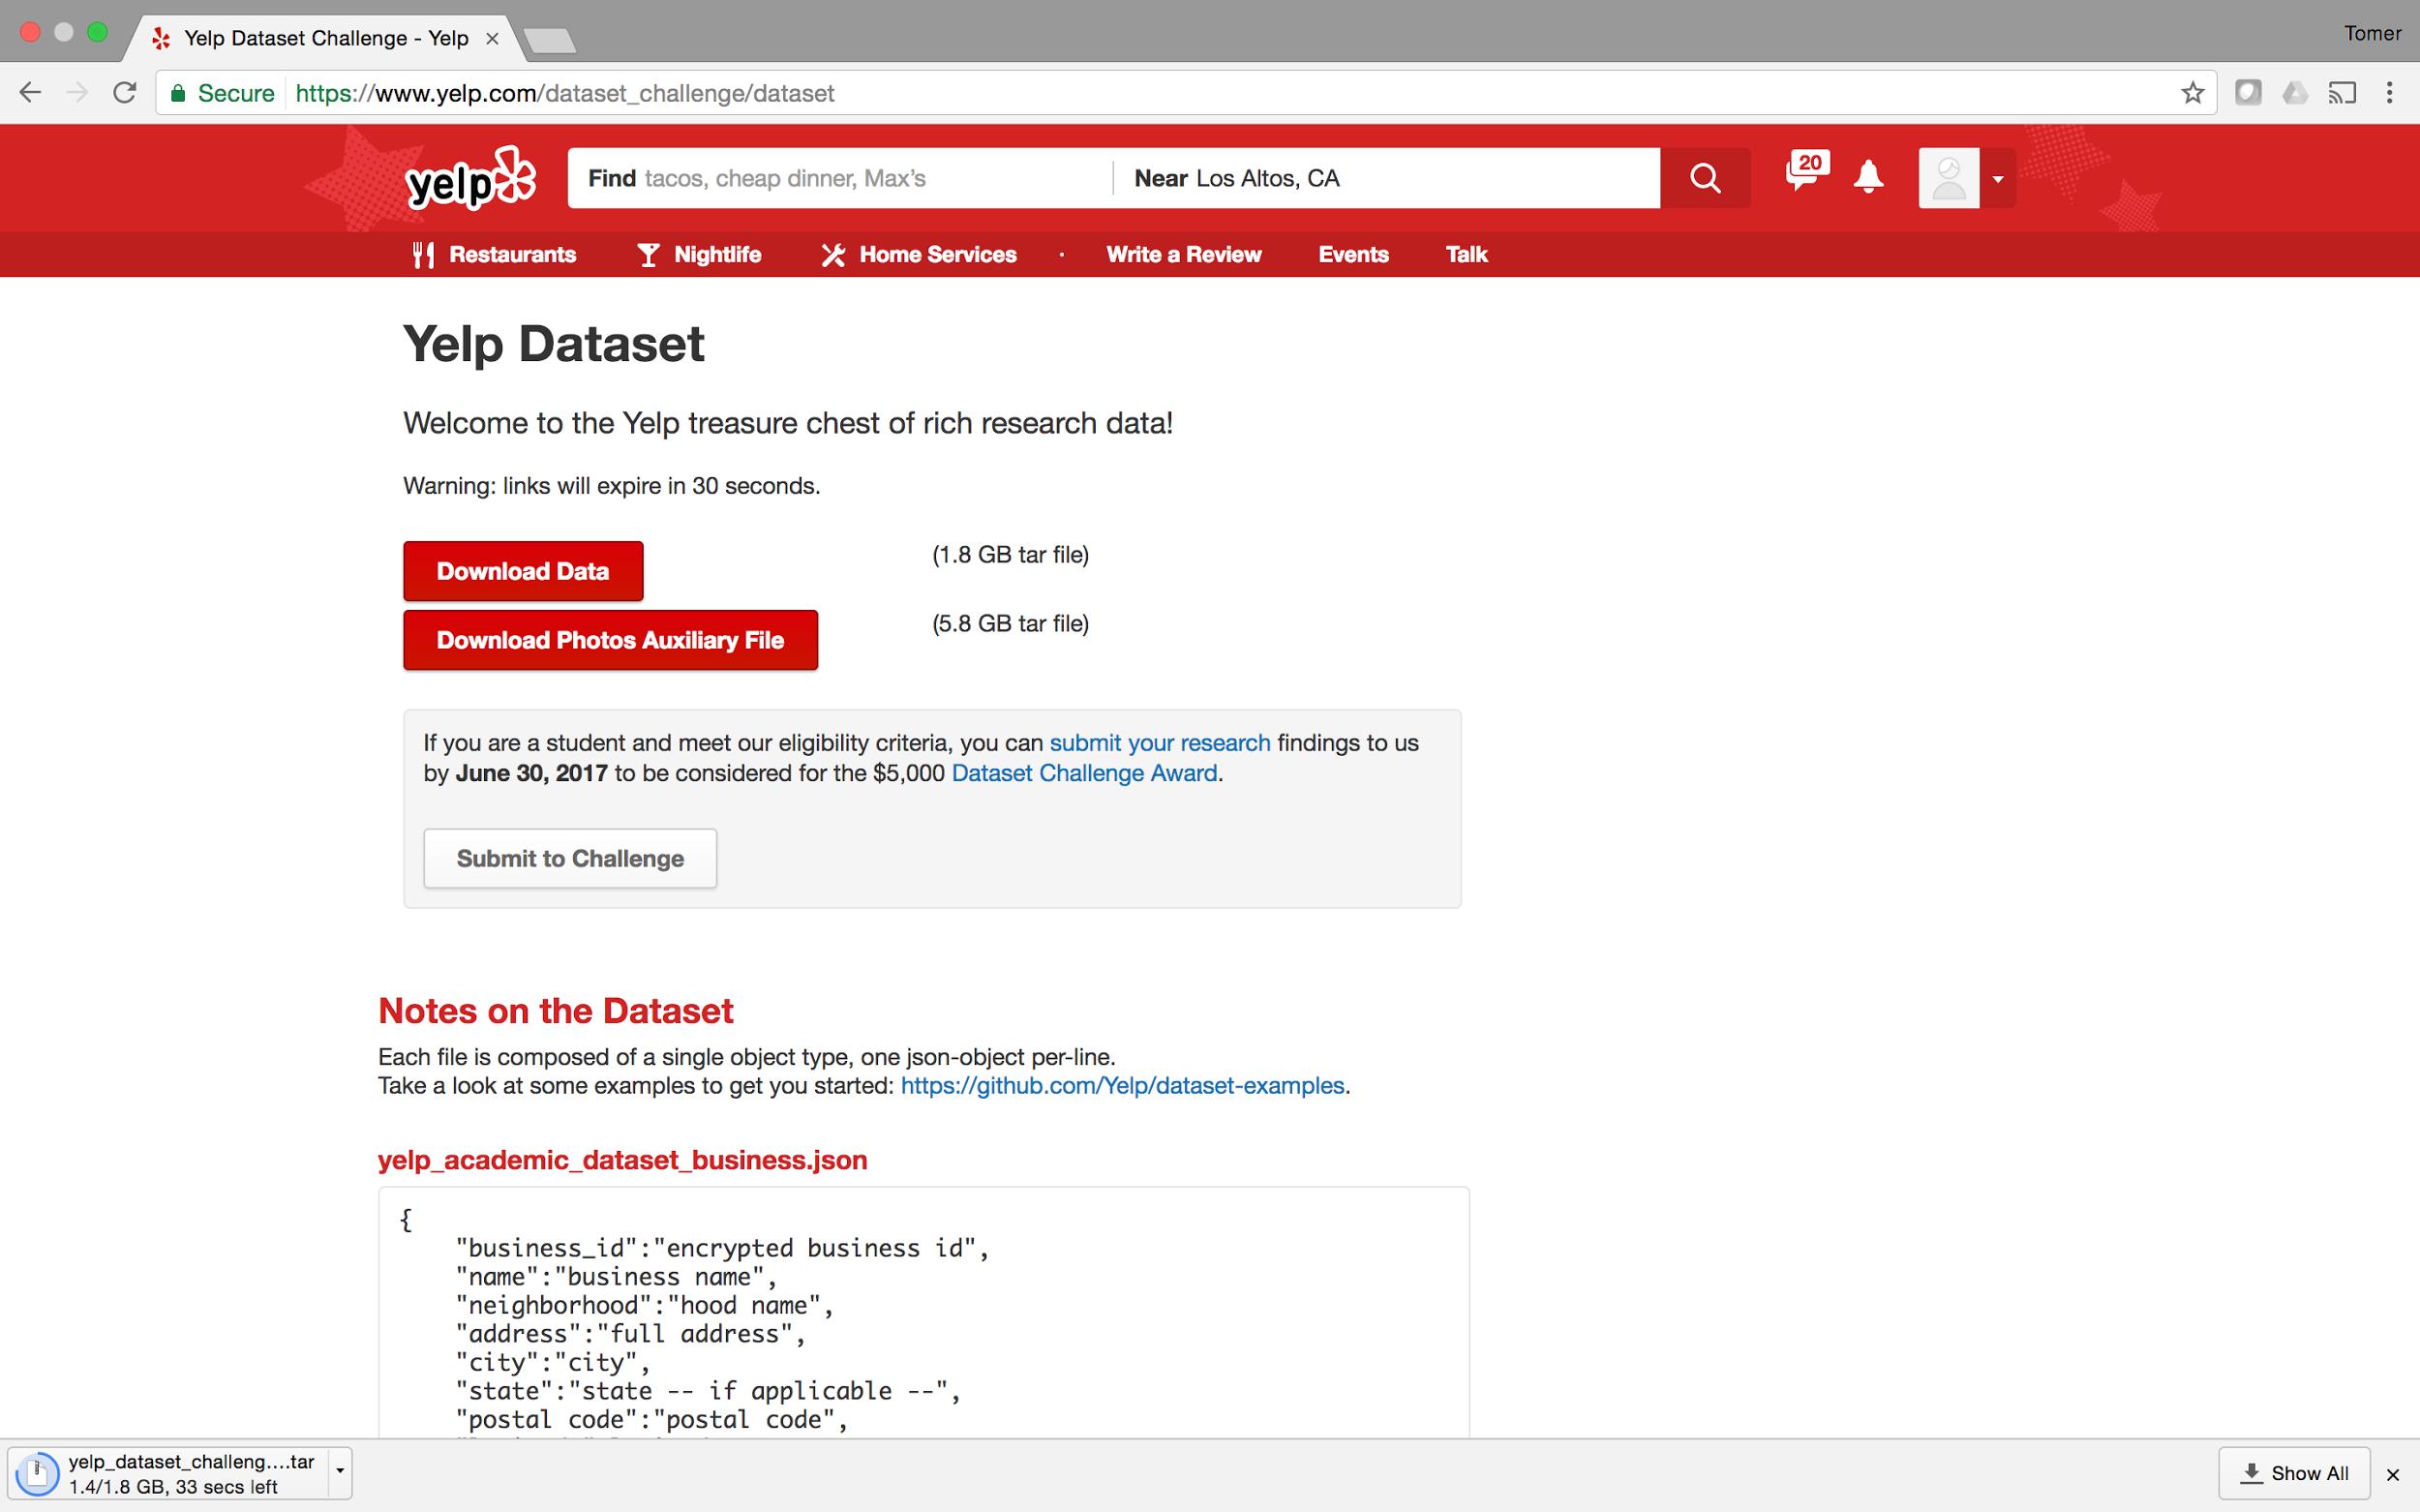 Yelp data source